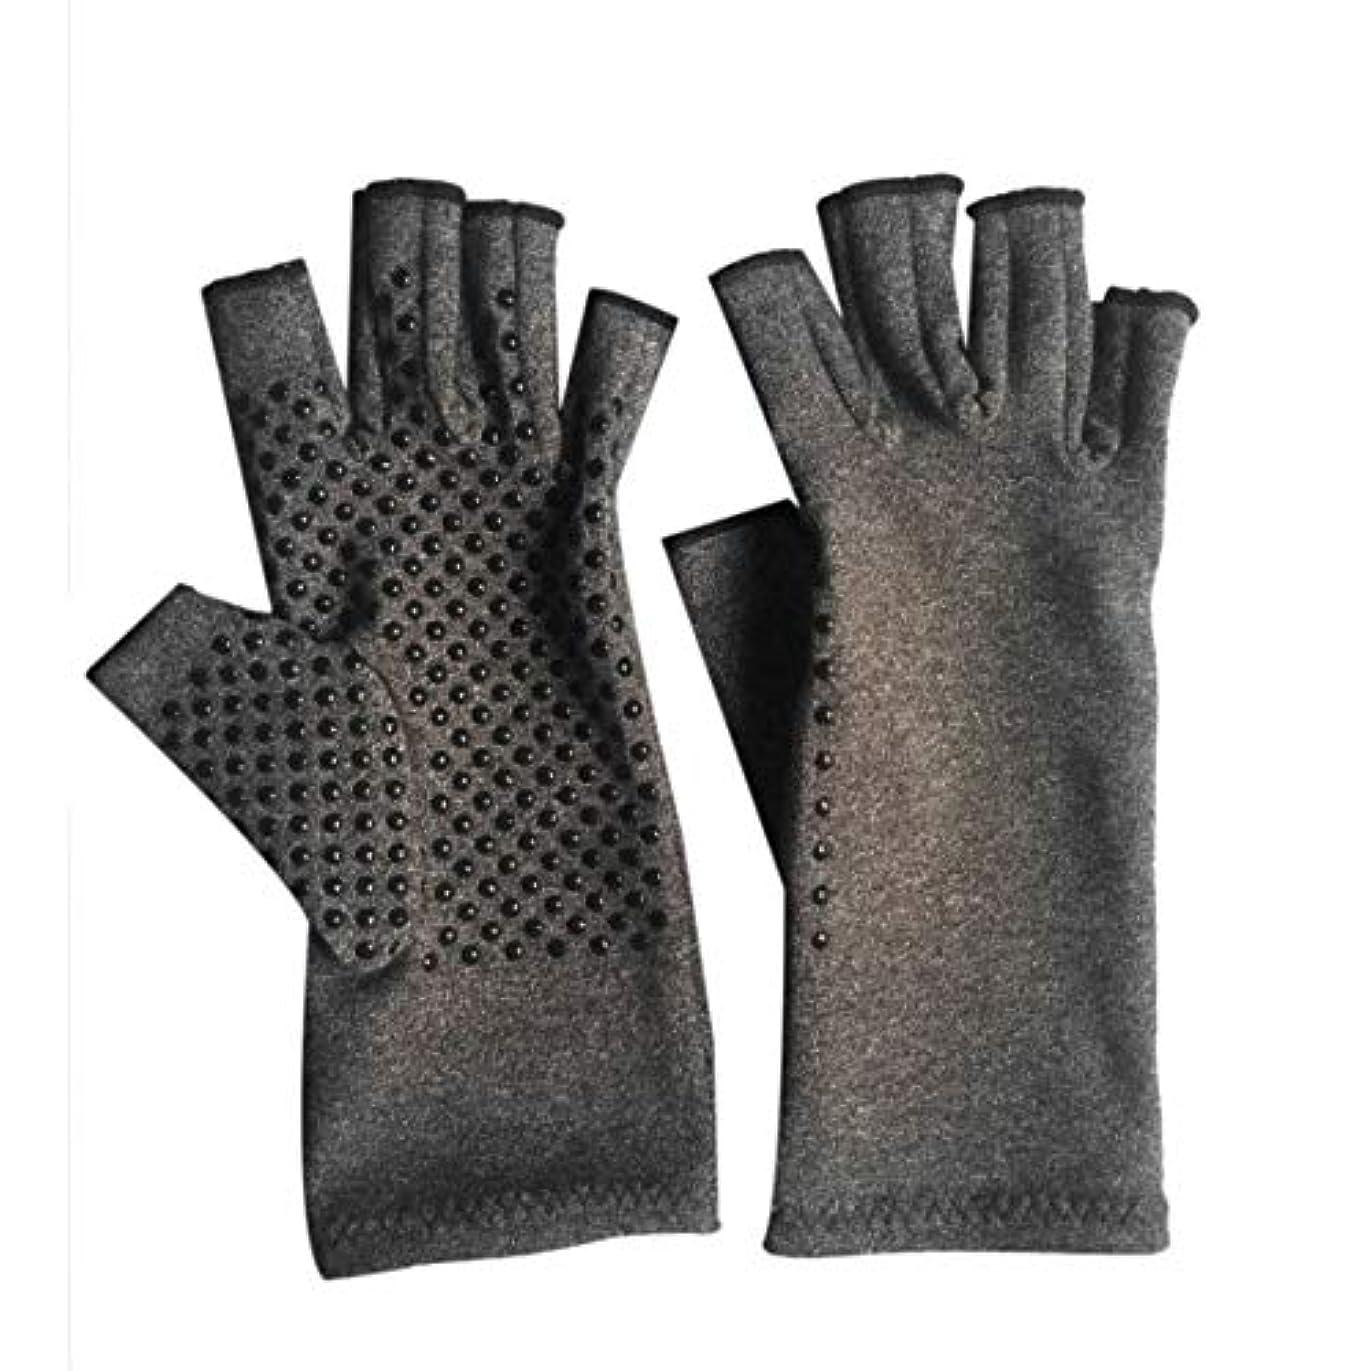 無人バウンス特派員1ペアユニセックス男性女性療法圧縮手袋関節炎関節痛緩和ヘルスケア半指手袋トレーニング手袋 - グレーM